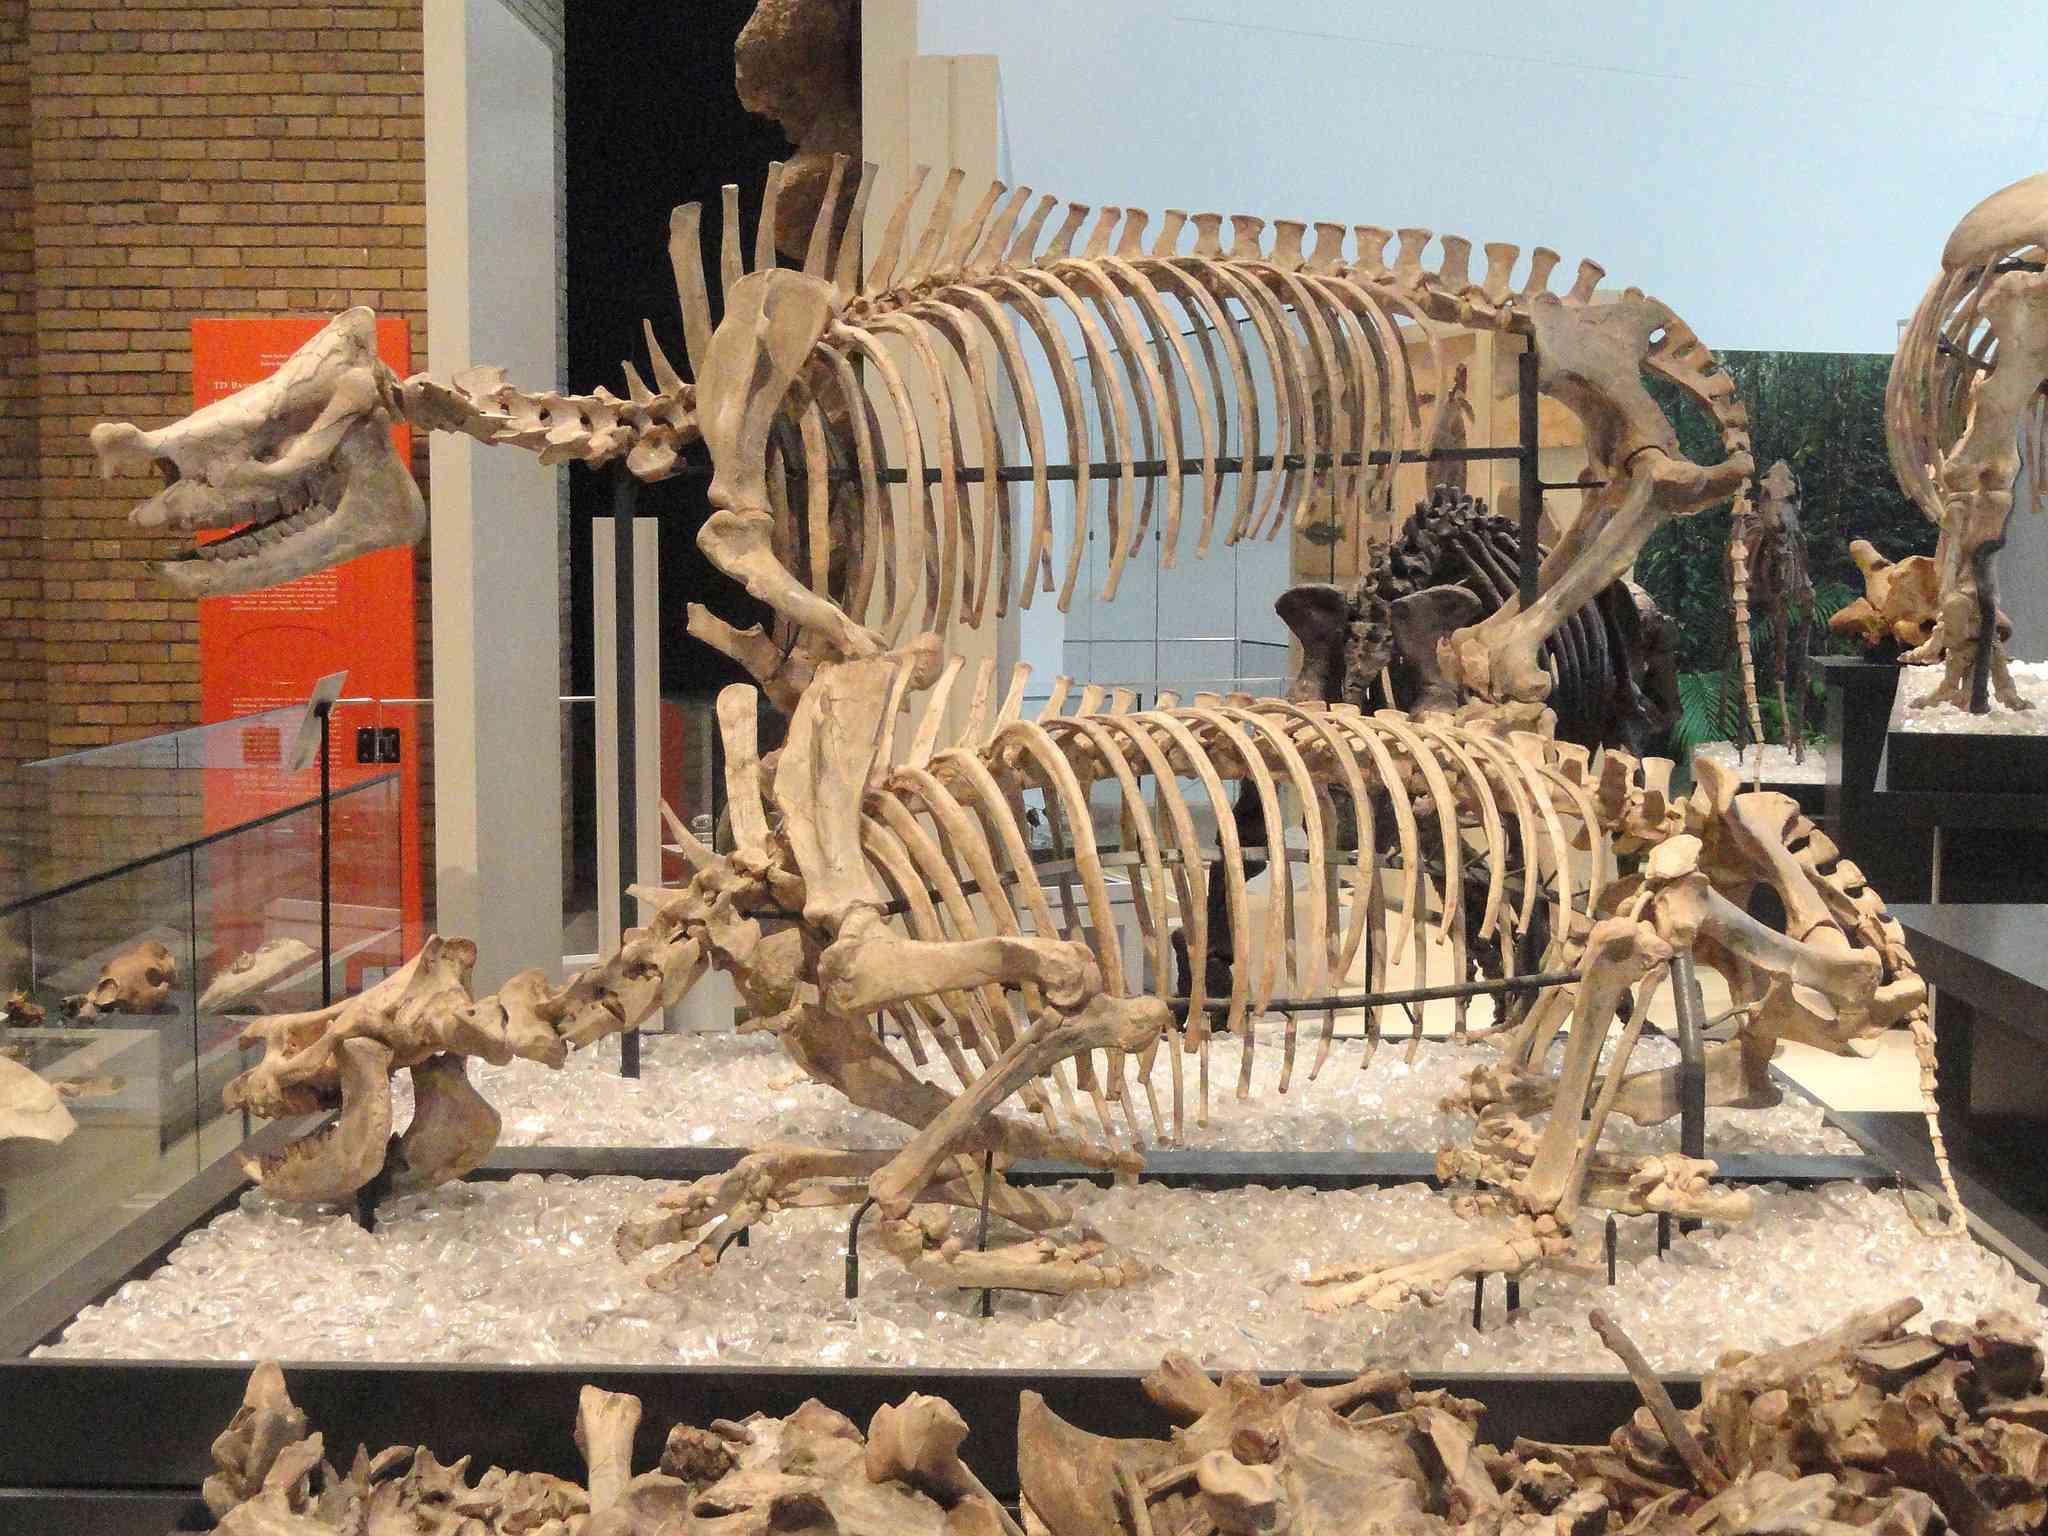 Menoceras exhibit in the Royal Ontario Museum